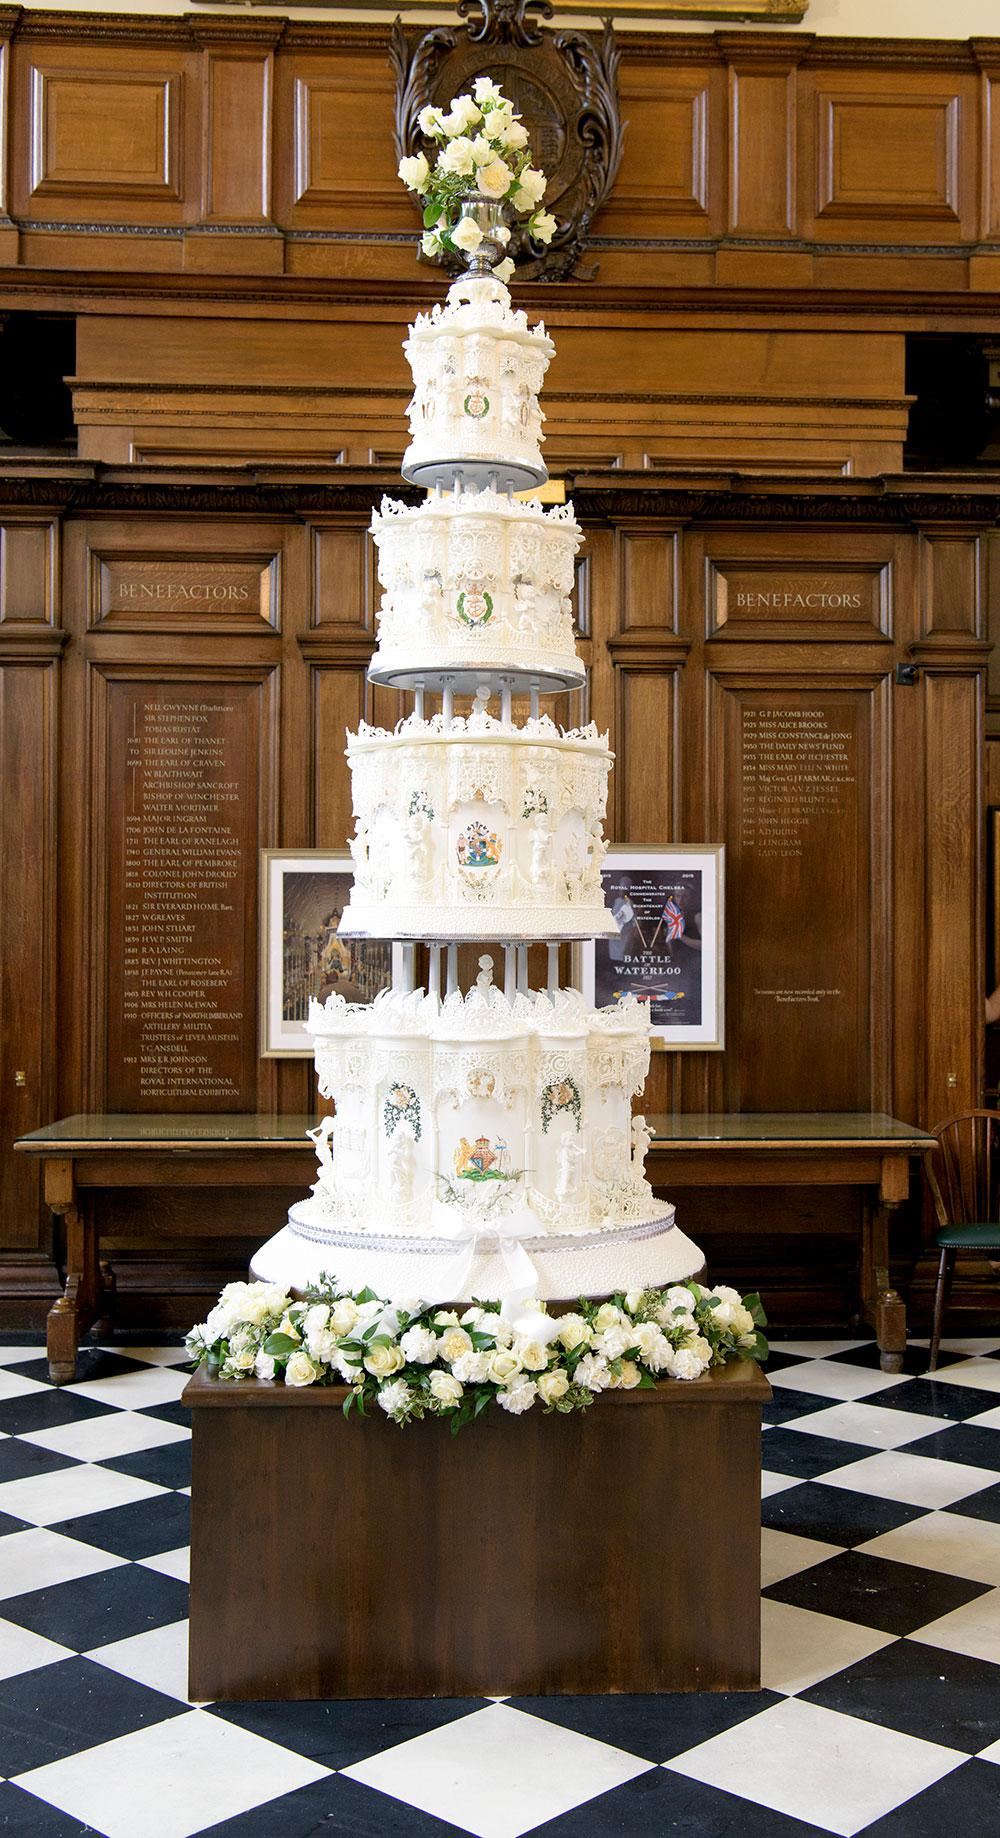 L'époustouflant gâteau de mariage de la reine Elizabeth II reproduit à la perfection